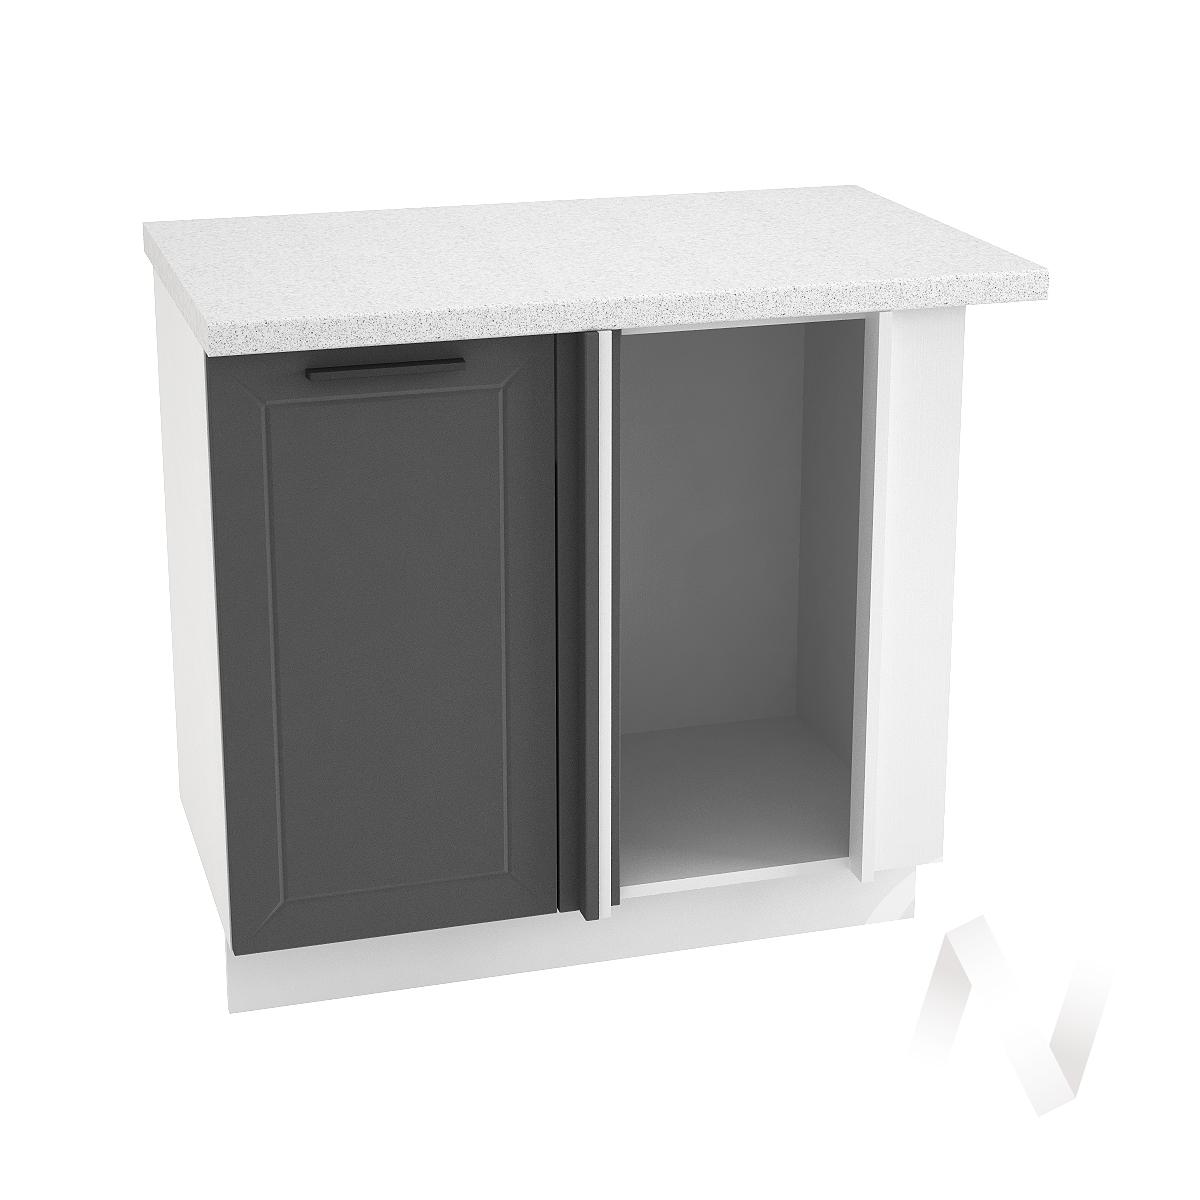 """Кухня """"Глетчер"""": Шкаф нижний угловой 990М, ШНУ 990М (Маренго силк/корпус белый)"""